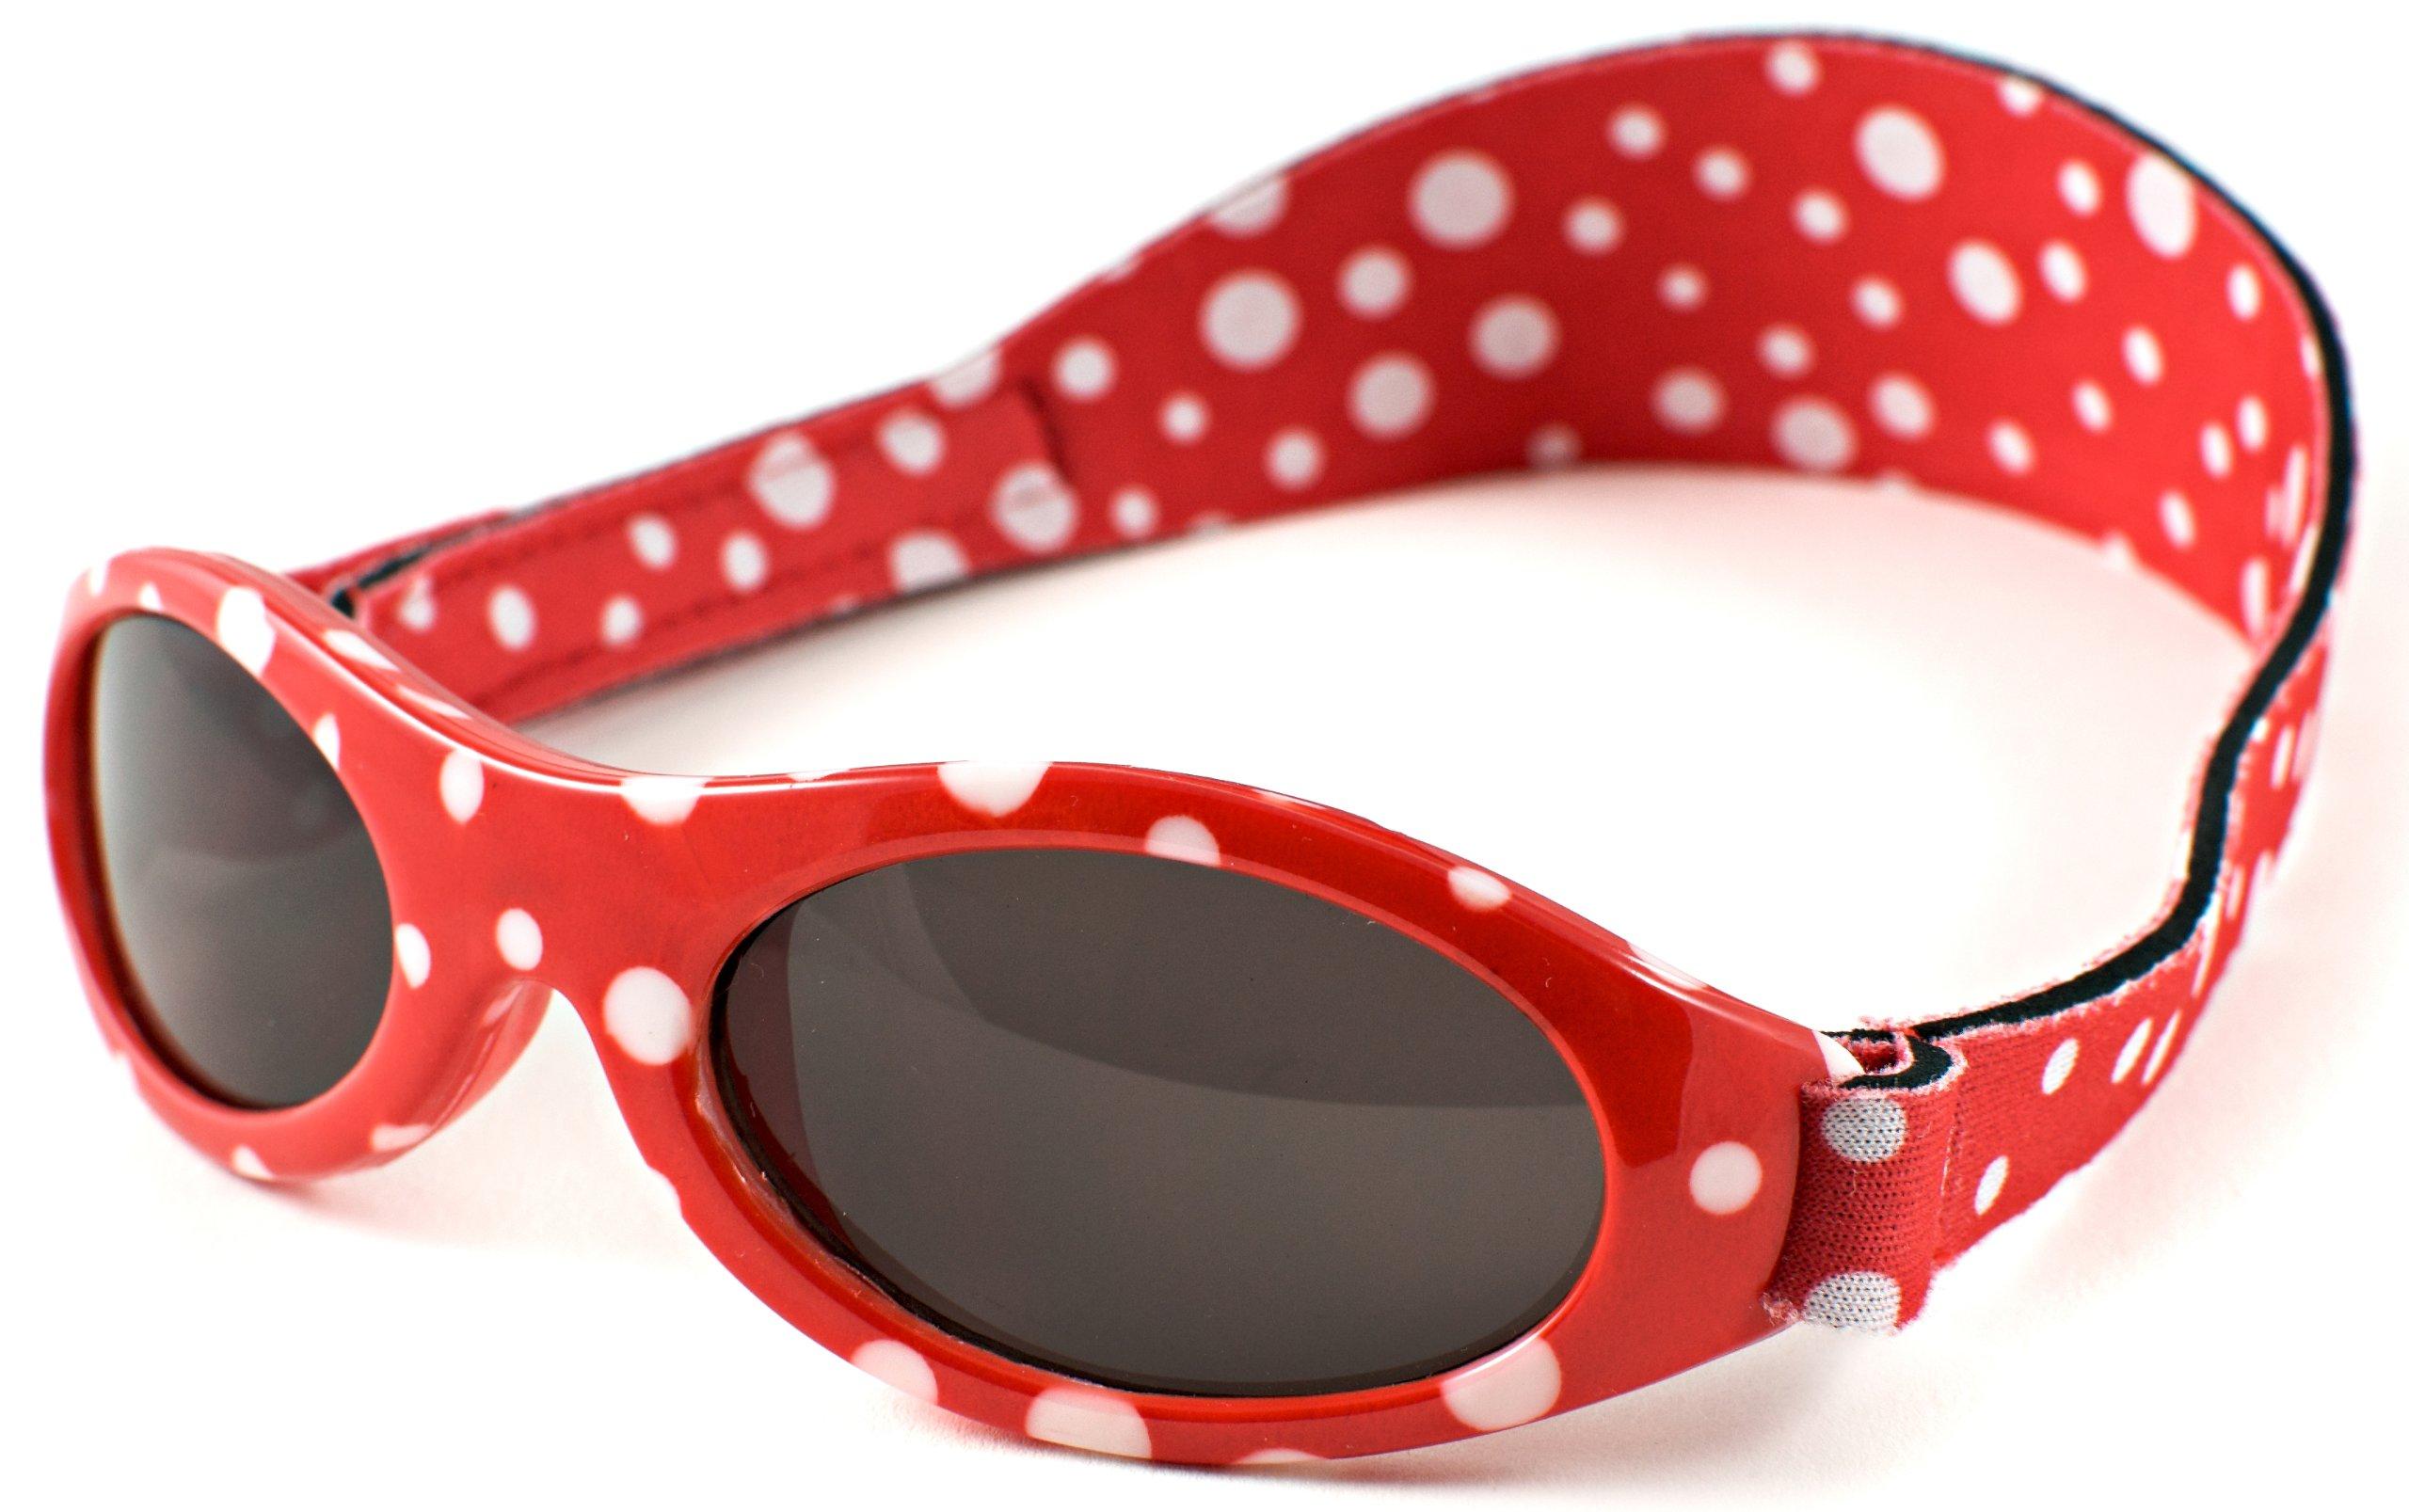 Baby Banz - Gafas de sol Ovaladas para niños, color Rojo, talla 0-2 anos 1